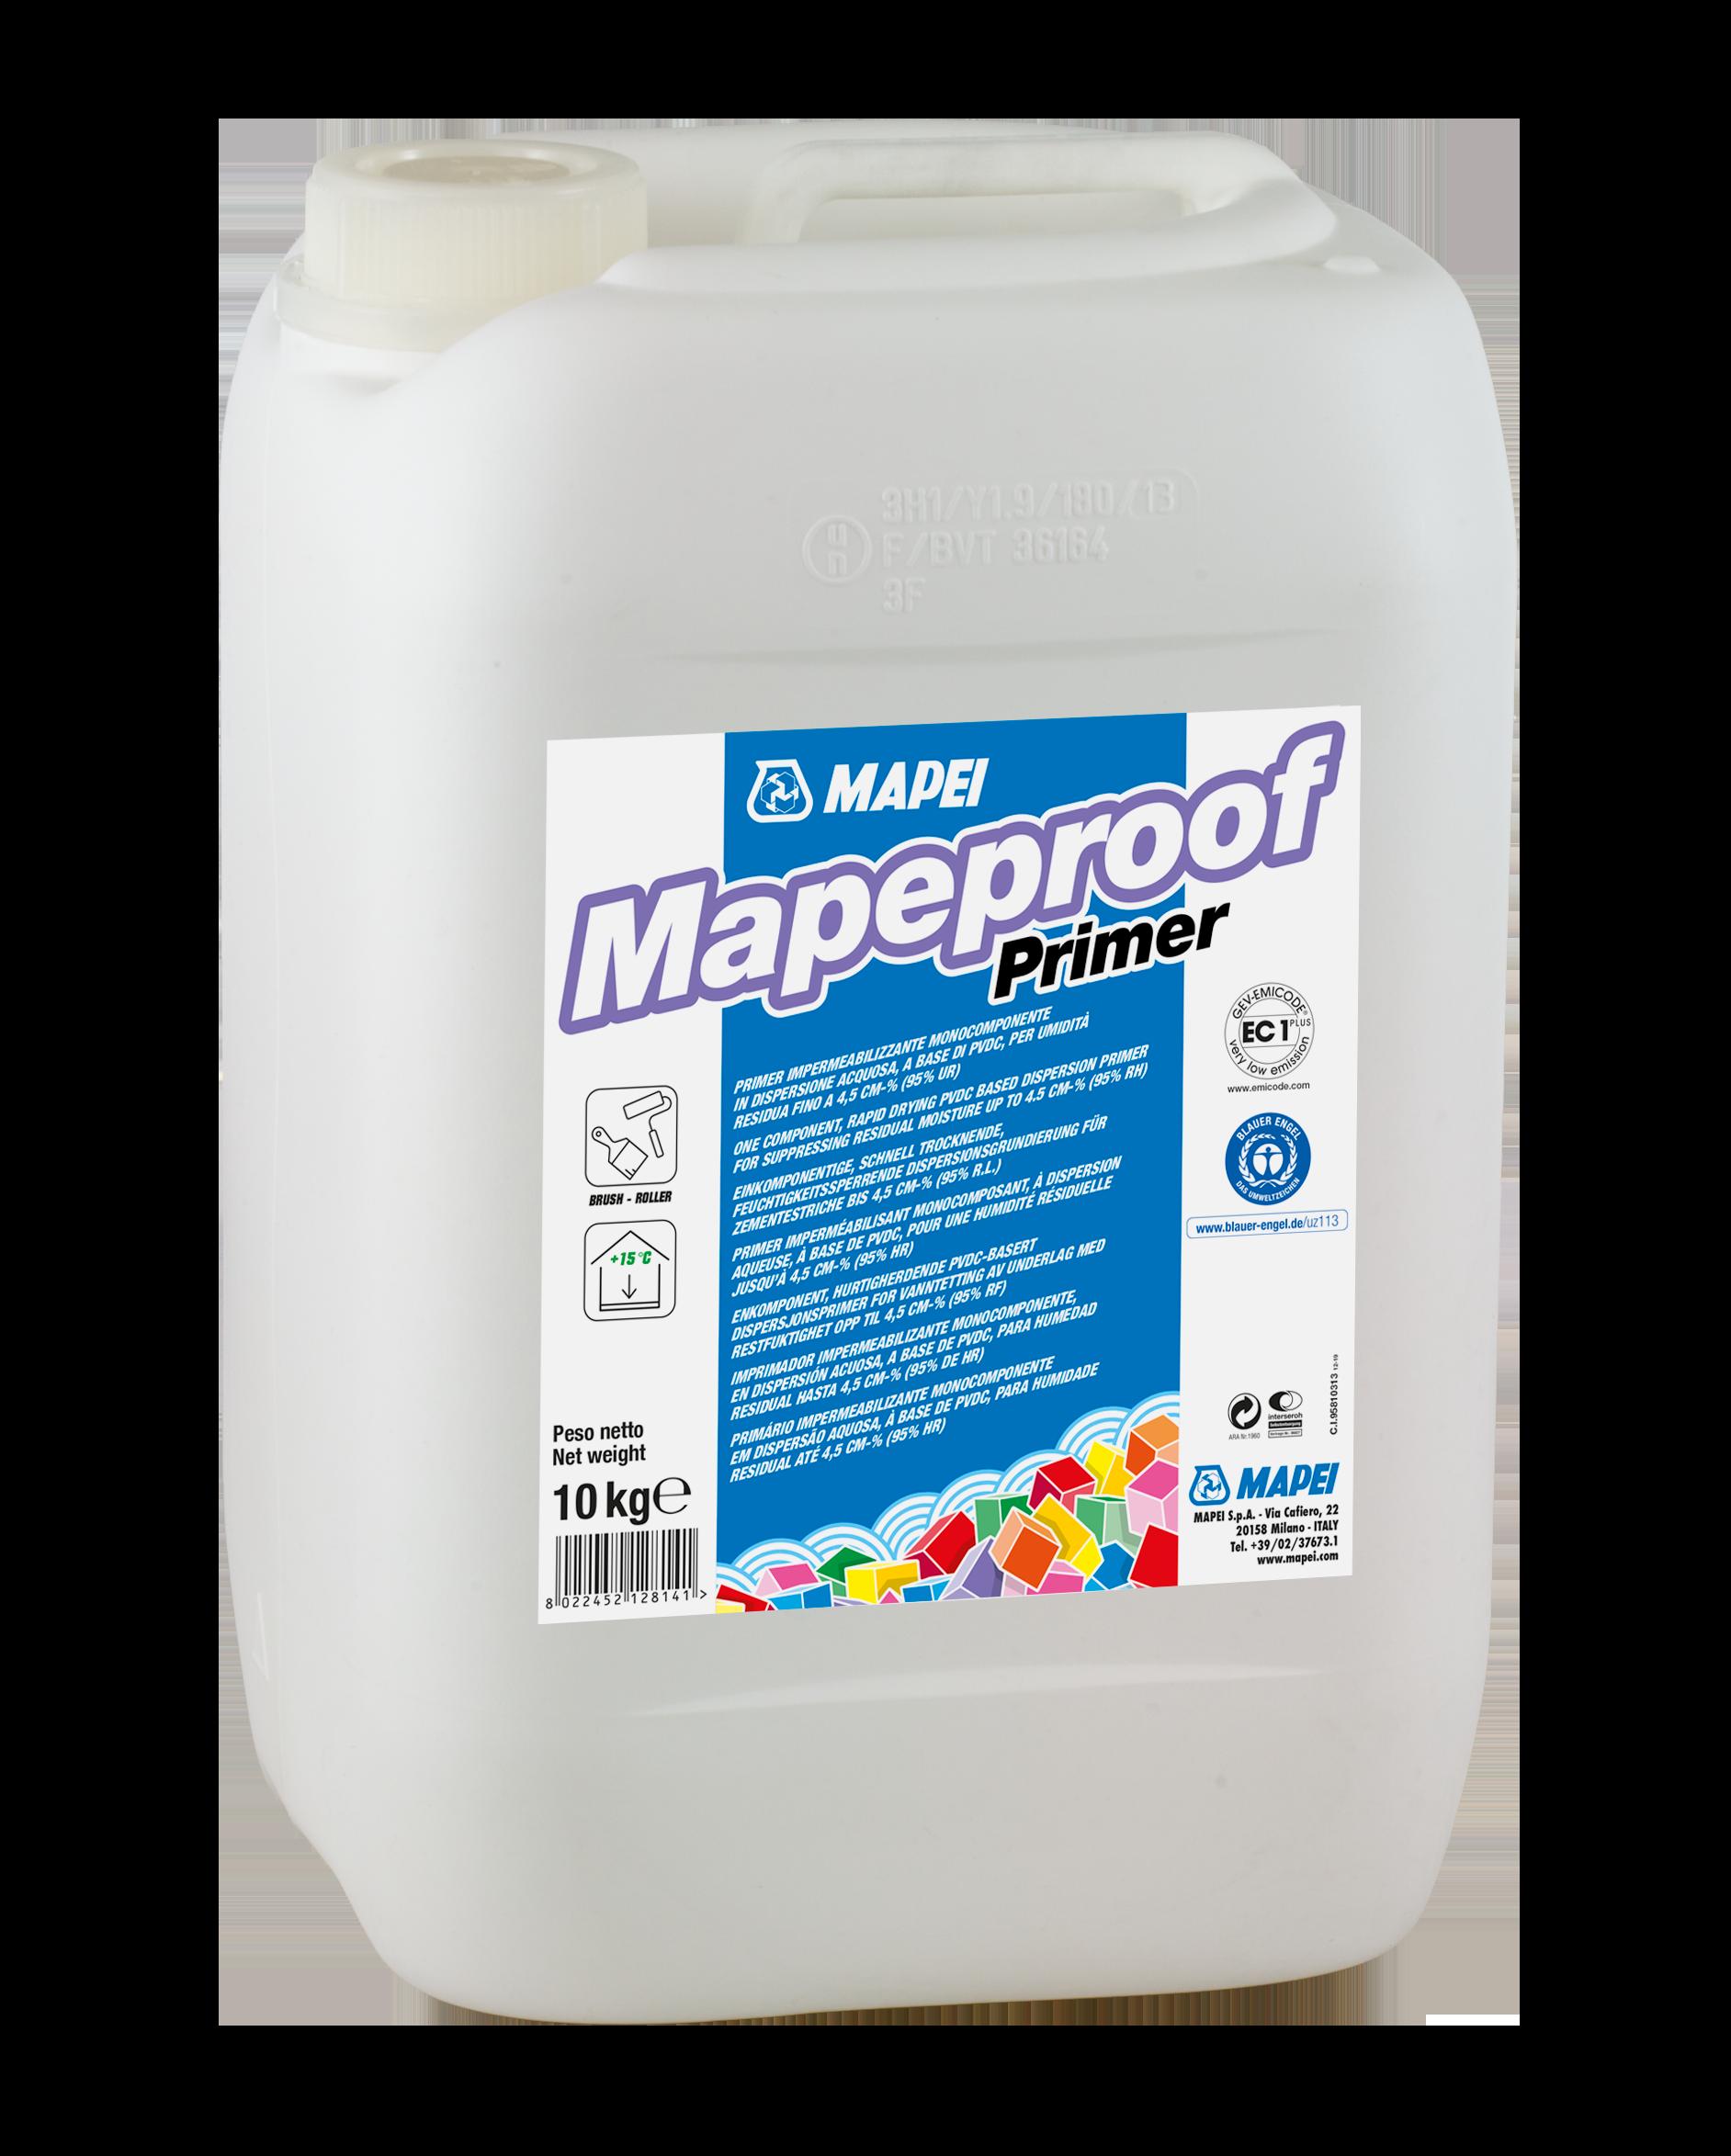 Mapeproof-Primer-10-kg